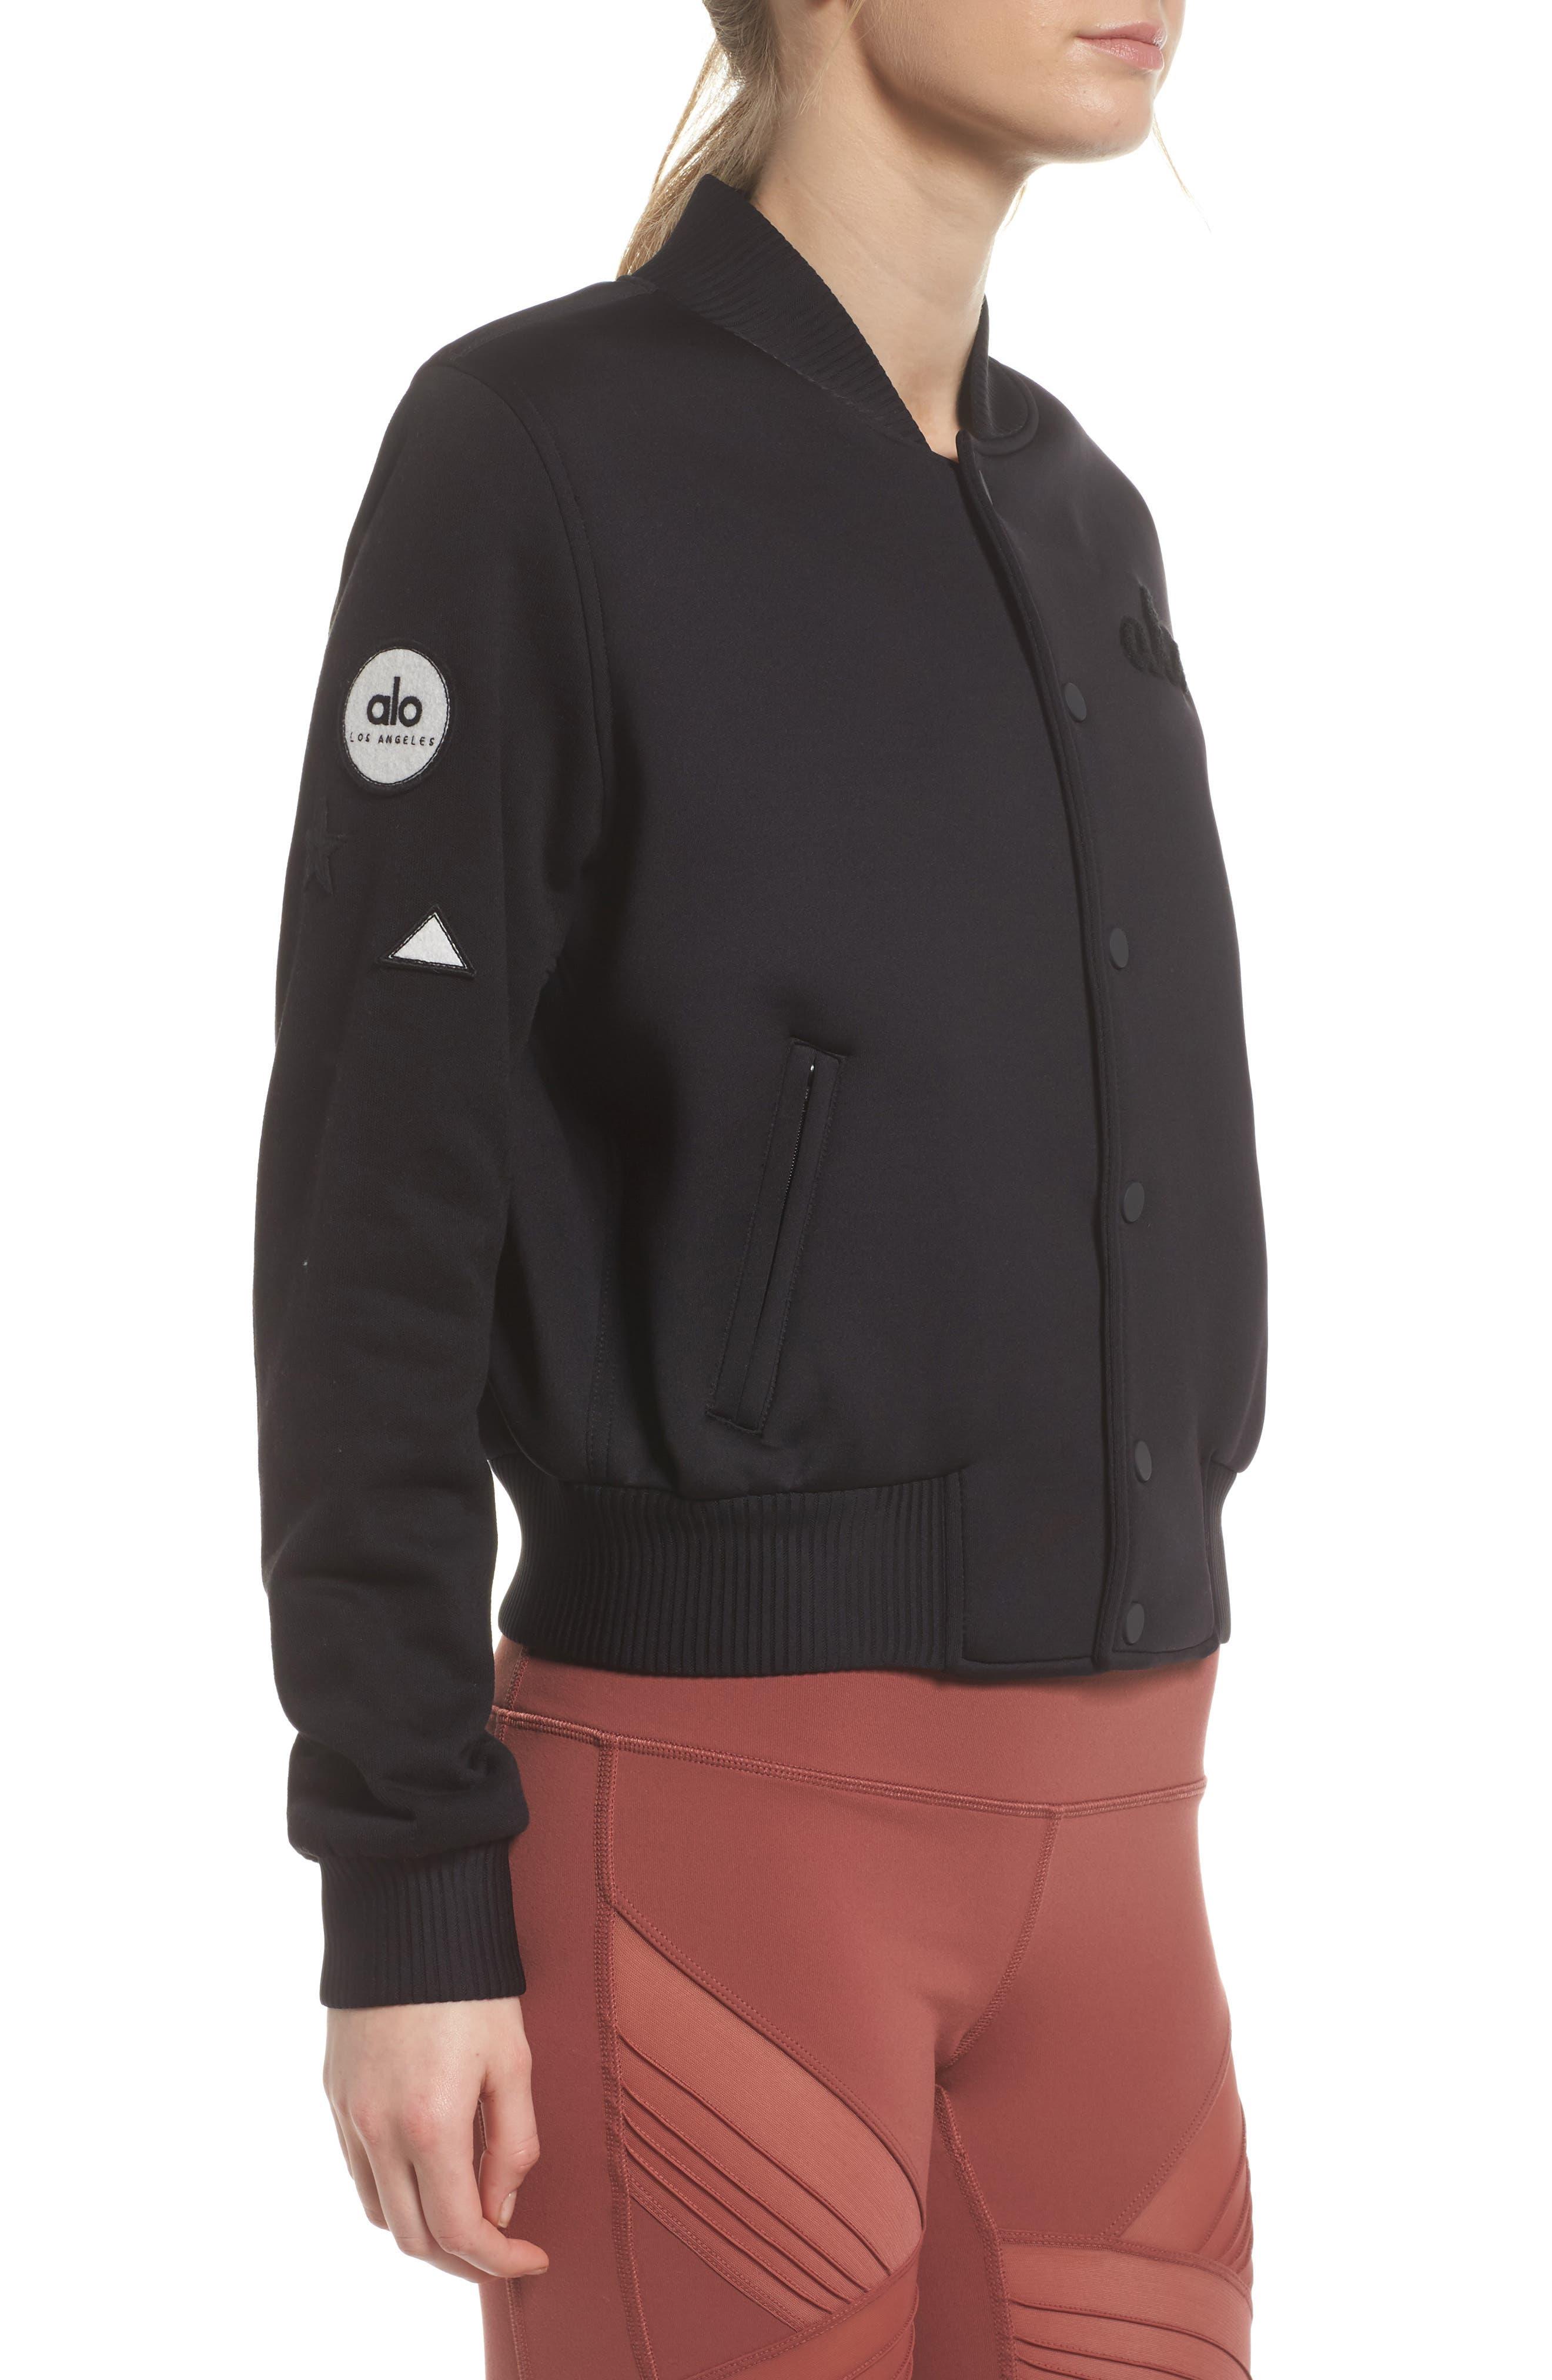 League Varsity Jacket,                             Alternate thumbnail 3, color,                             Black/ Alo Patches